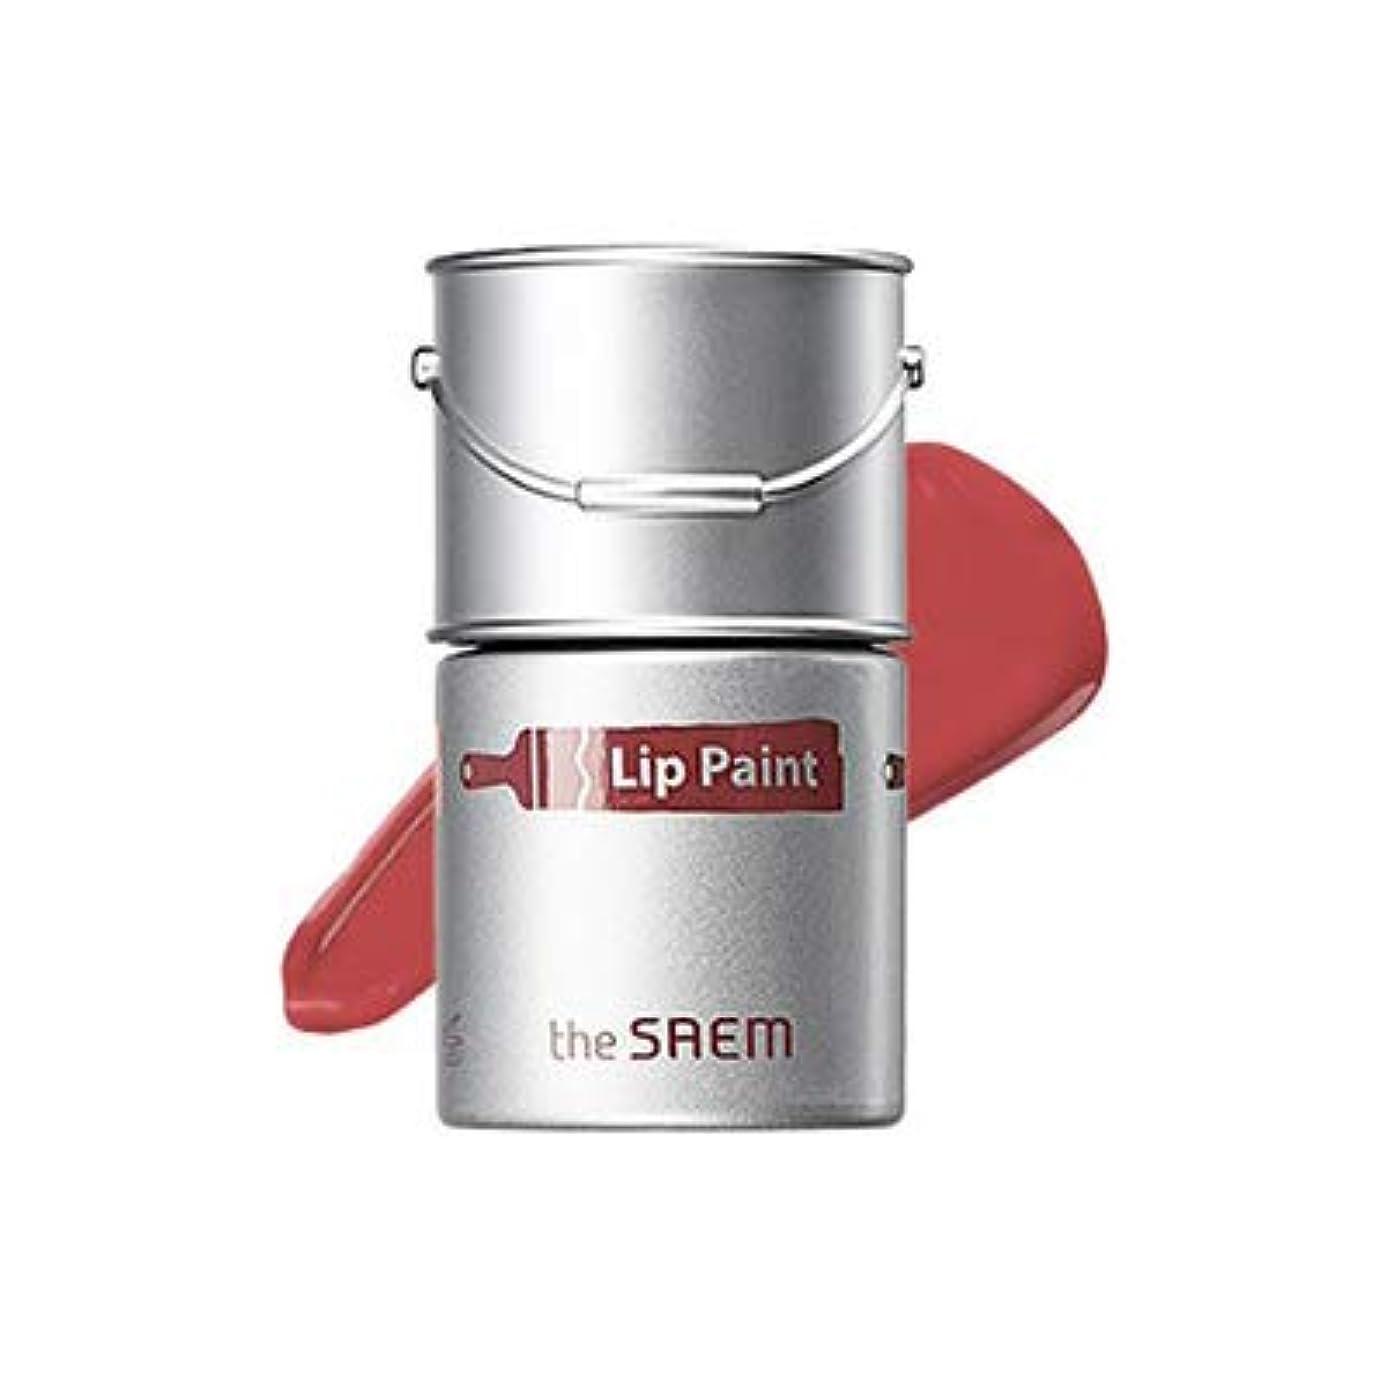 theSAEM ザセム リップペイント 6.5ml 10色 Lip Paint 口紅 リップグロース (05モーブグロウ)